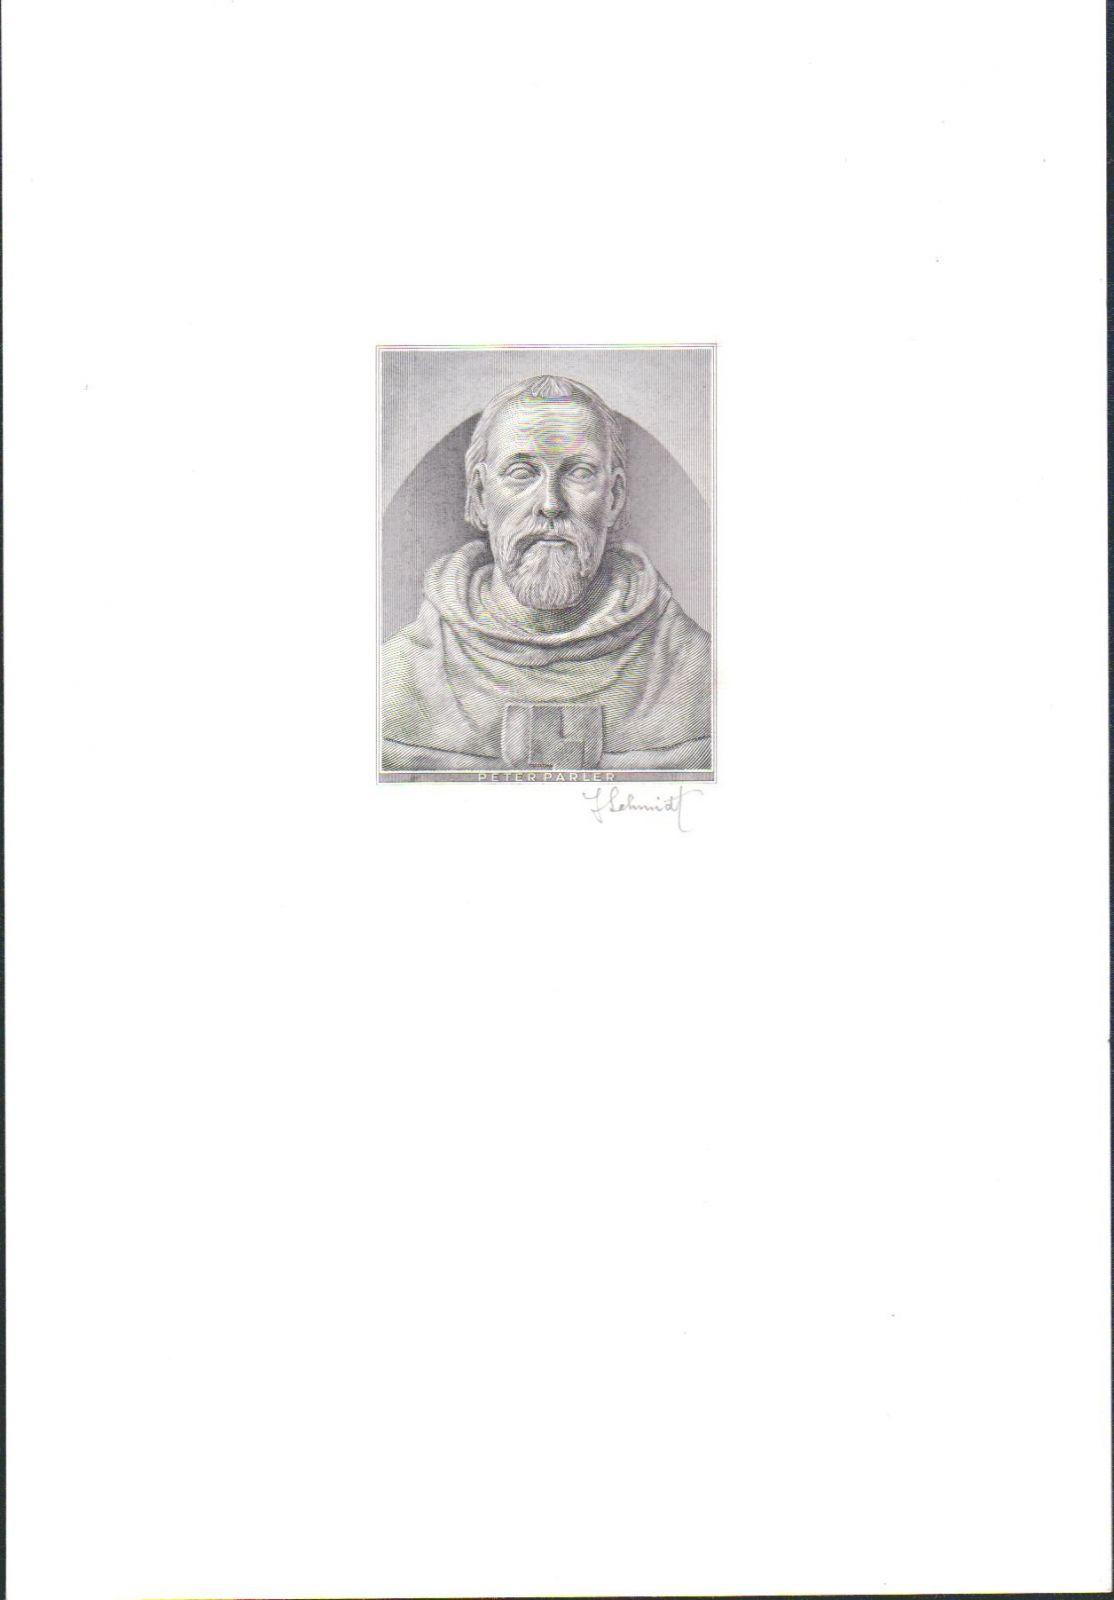 Černotisk Petr Parléř (motiv protektorátní 1000K 1942), hlubotisk, stav UNC, podpis J. Schmidt